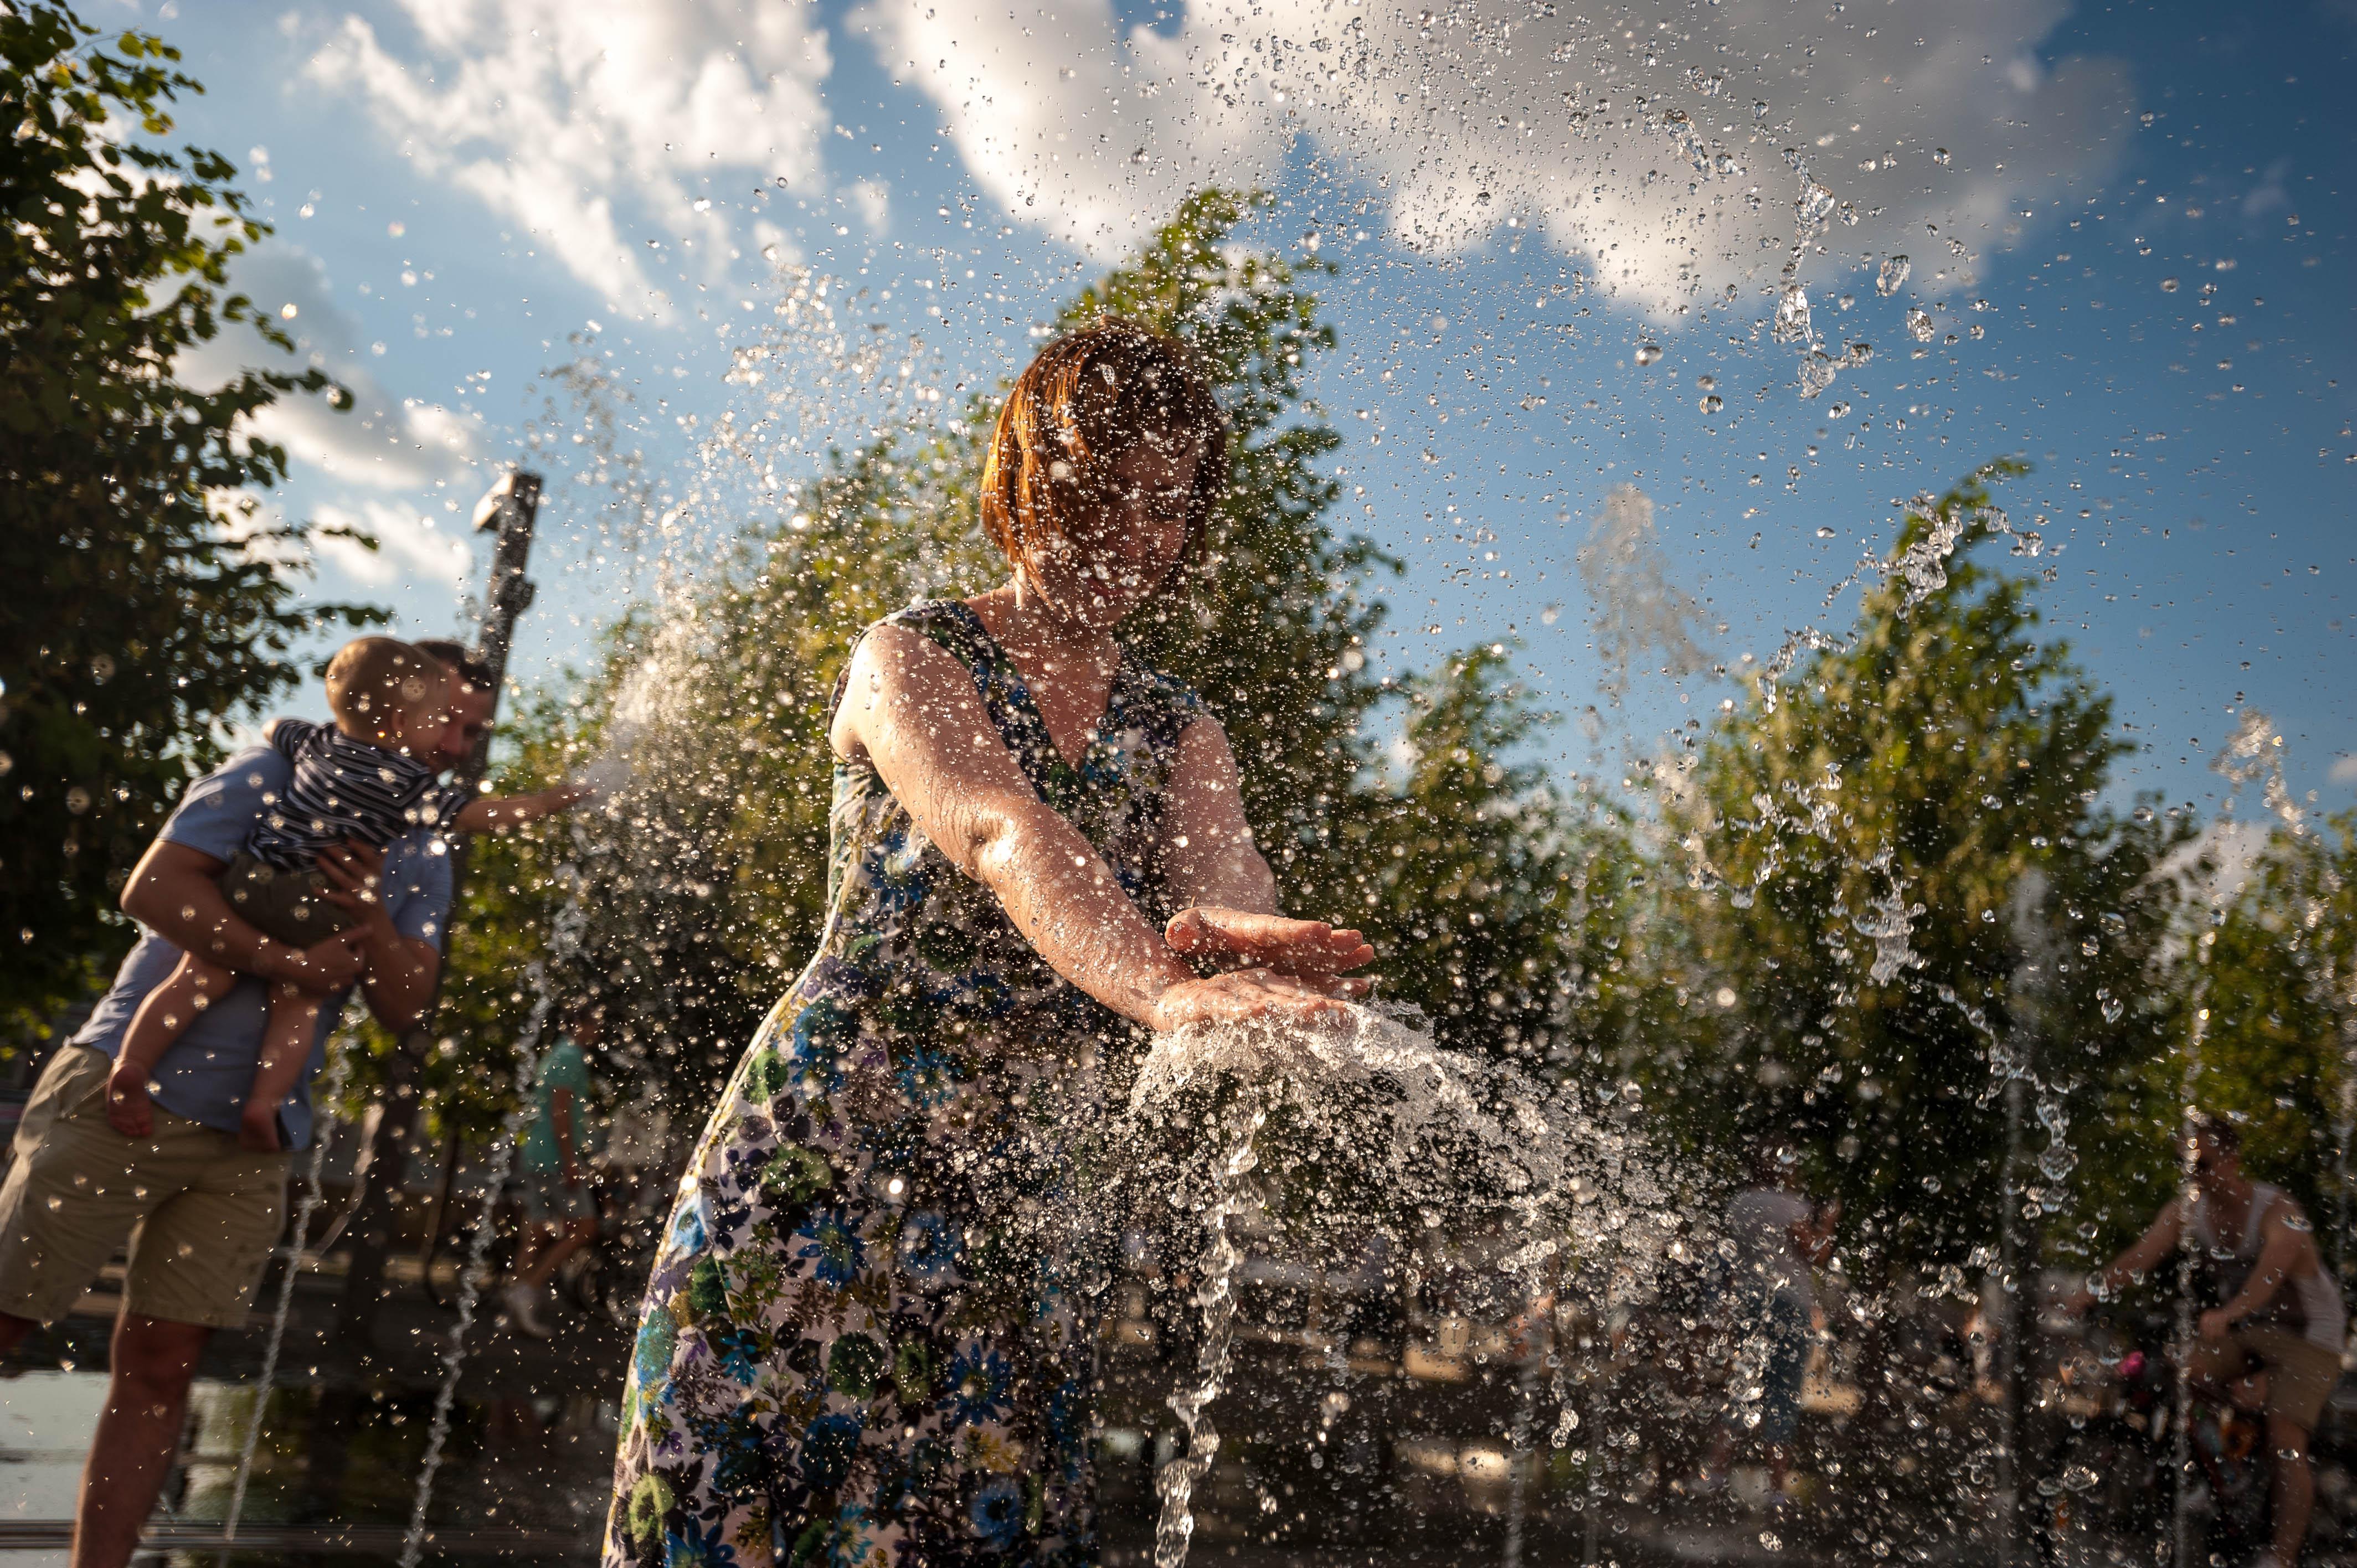 Москвичей ждет жаркая погода. Фото: Эмин Джафаров, «Вечерняя Москва»